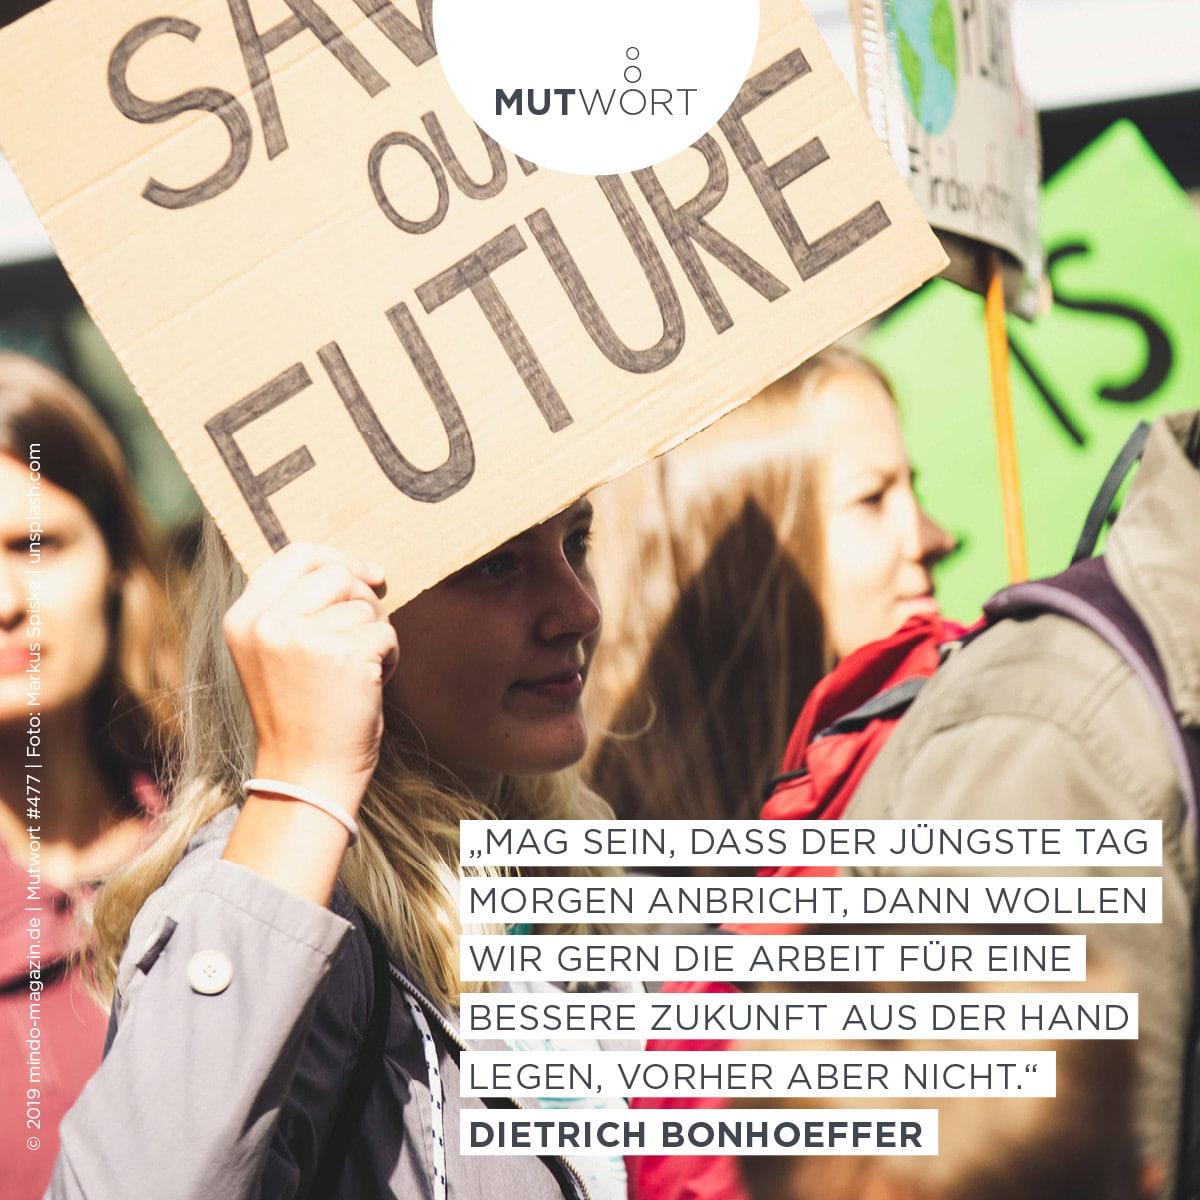 """""""Mag sein, dass der Jüngste Tag morgen anbricht, dann wollen wir gern die Arbeit für eine bessere Zukunft aus der Hand legen, vorher aber nicht."""" - Bonhoeffer"""